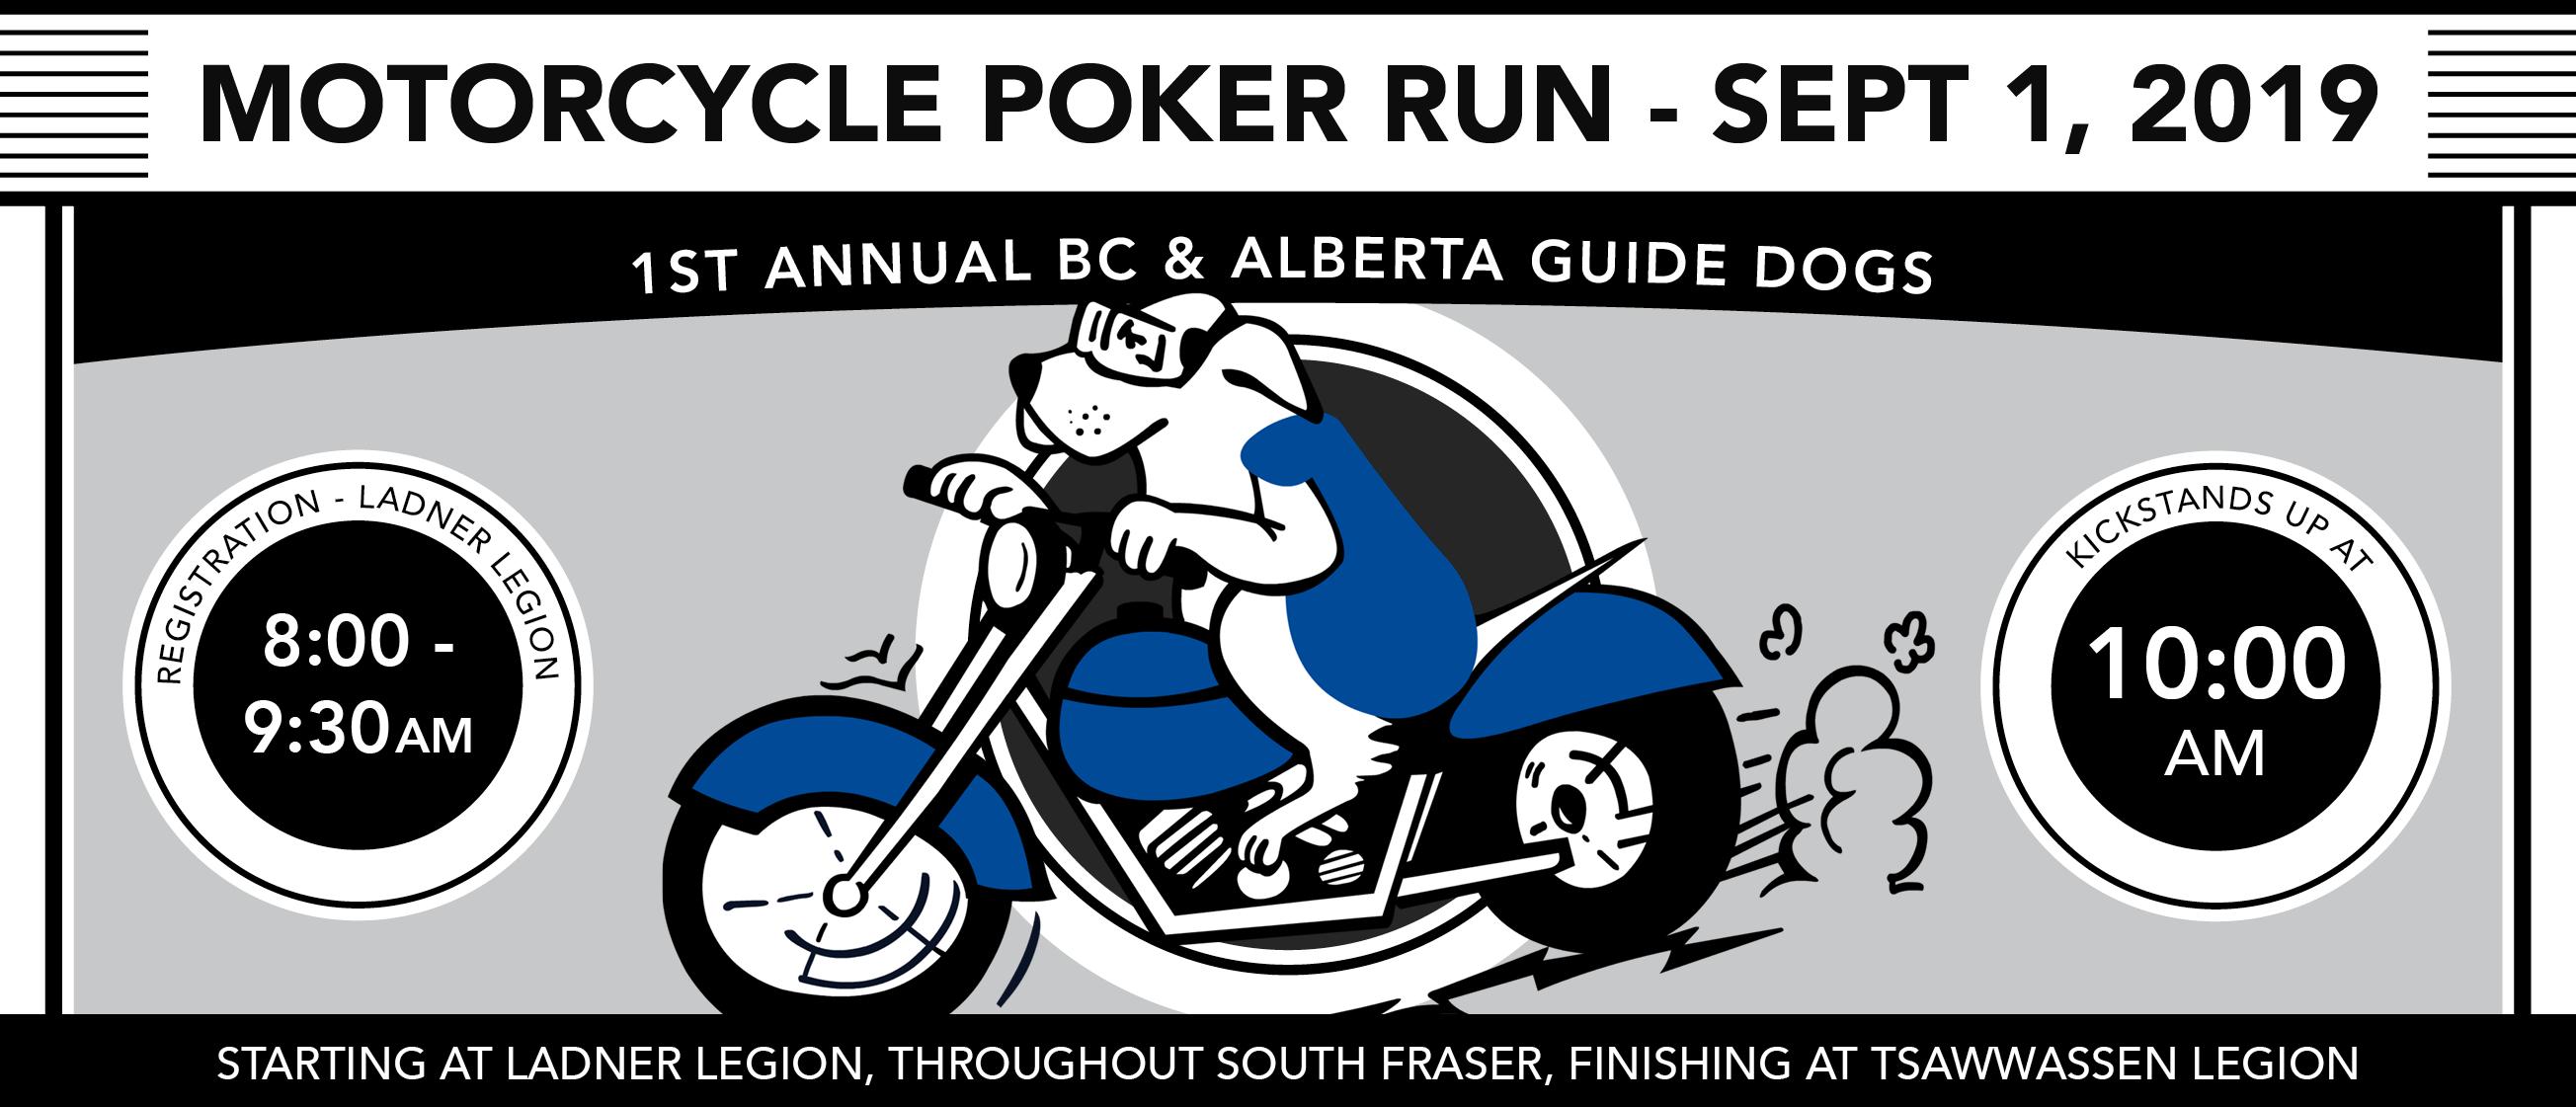 1st Annual Motorcycle Poker Run fundraiser – September 1, 2019